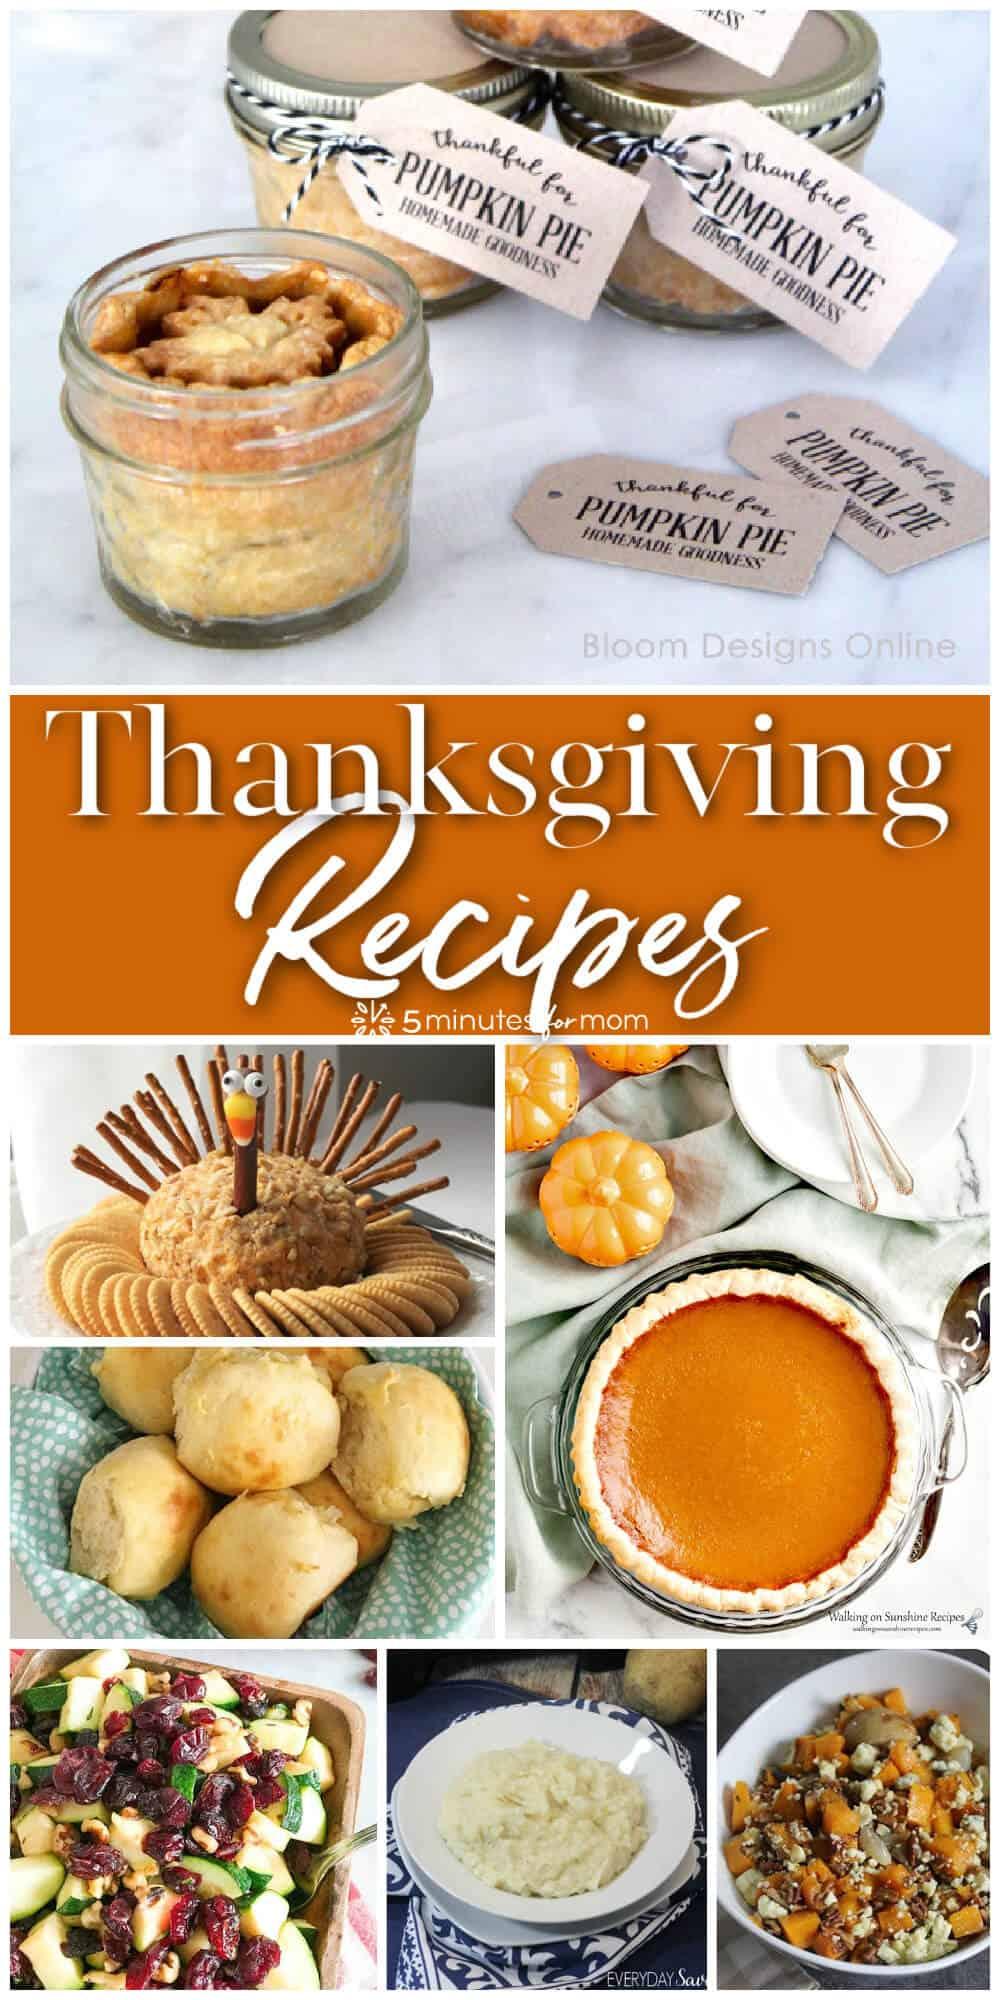 Delicious Thanksgiving Recipes